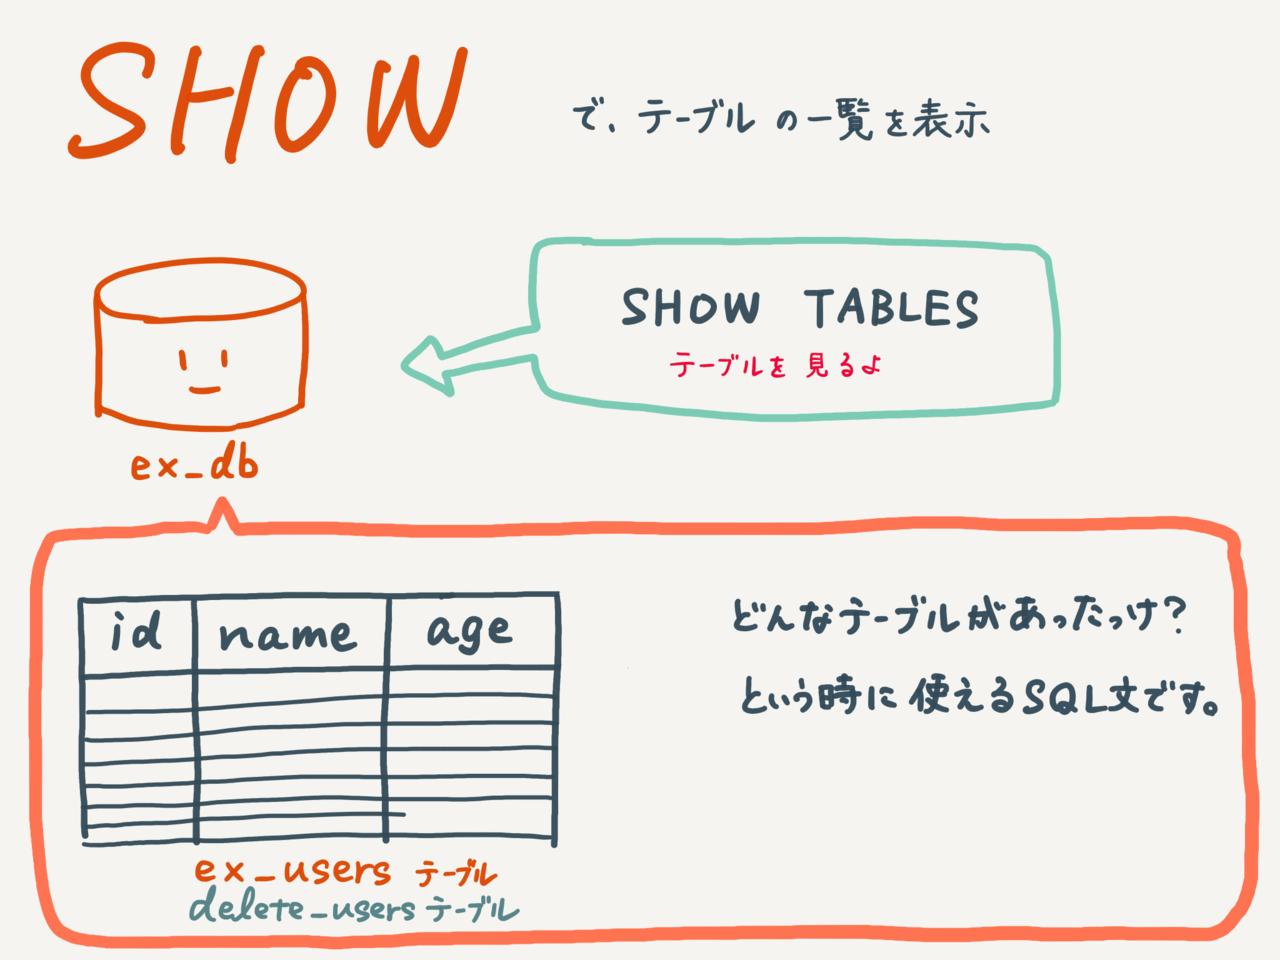 テーブル一覧を表示